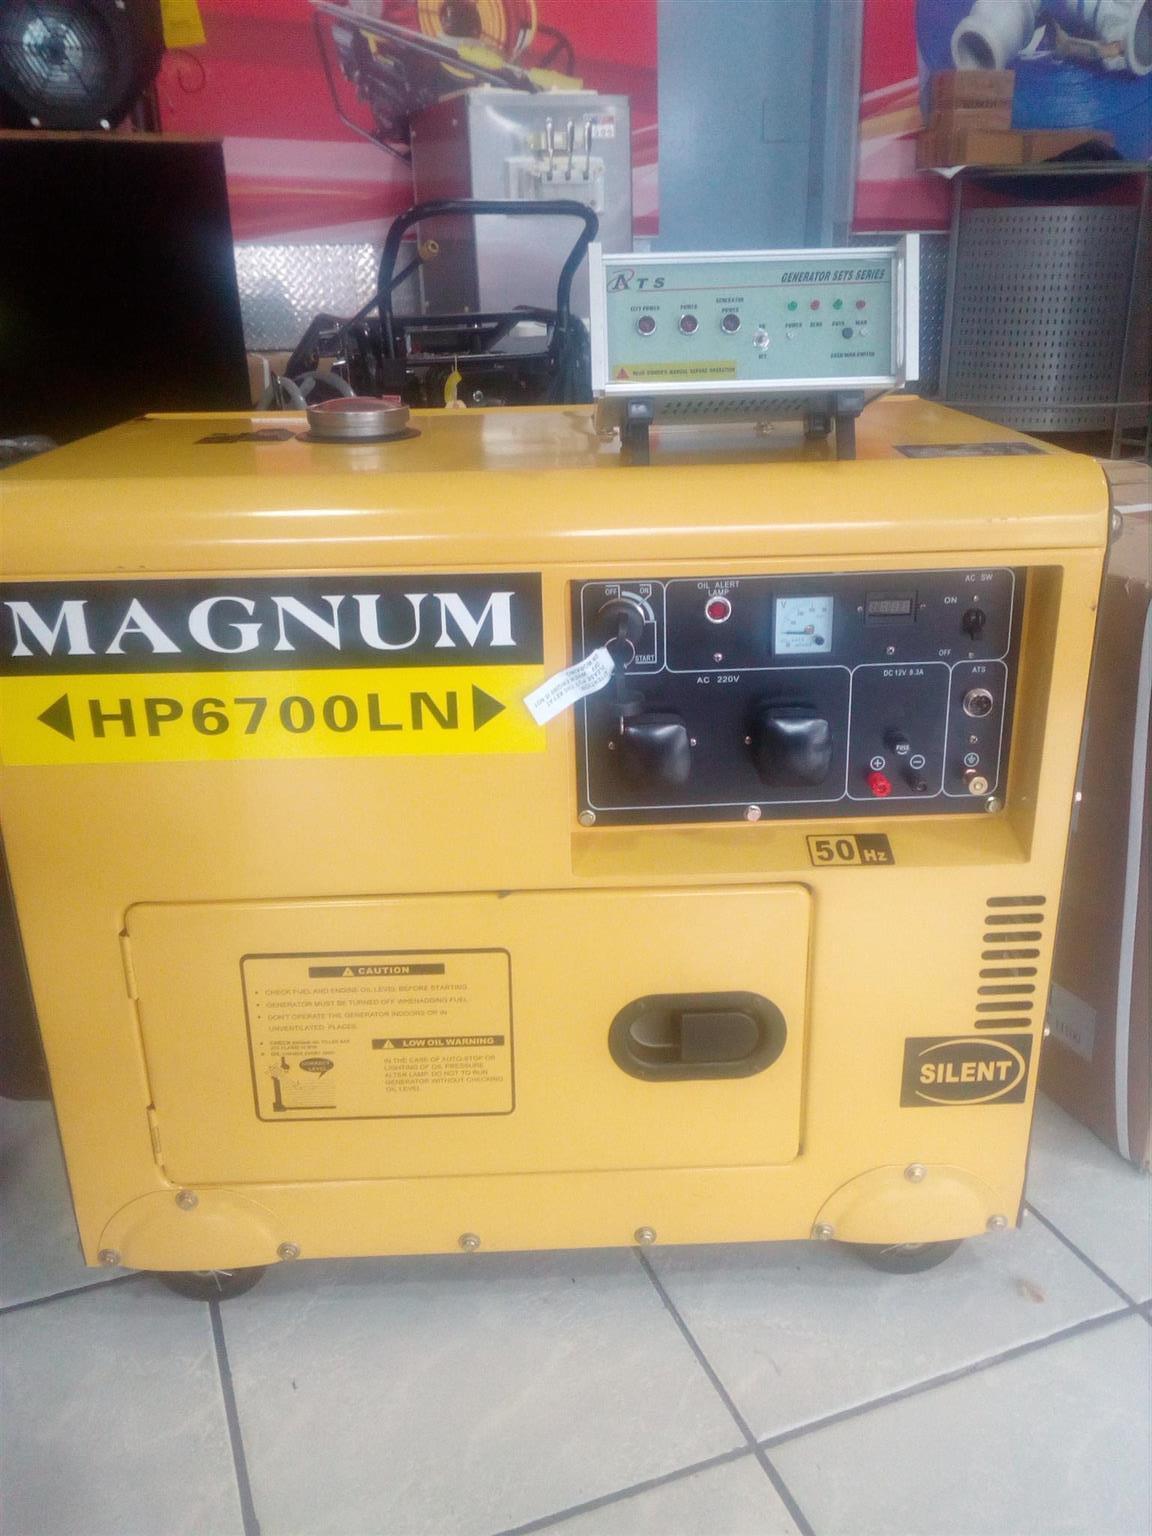 Magnum Generator Silent Type 8kva/6.5kw DIESEL price incl vat